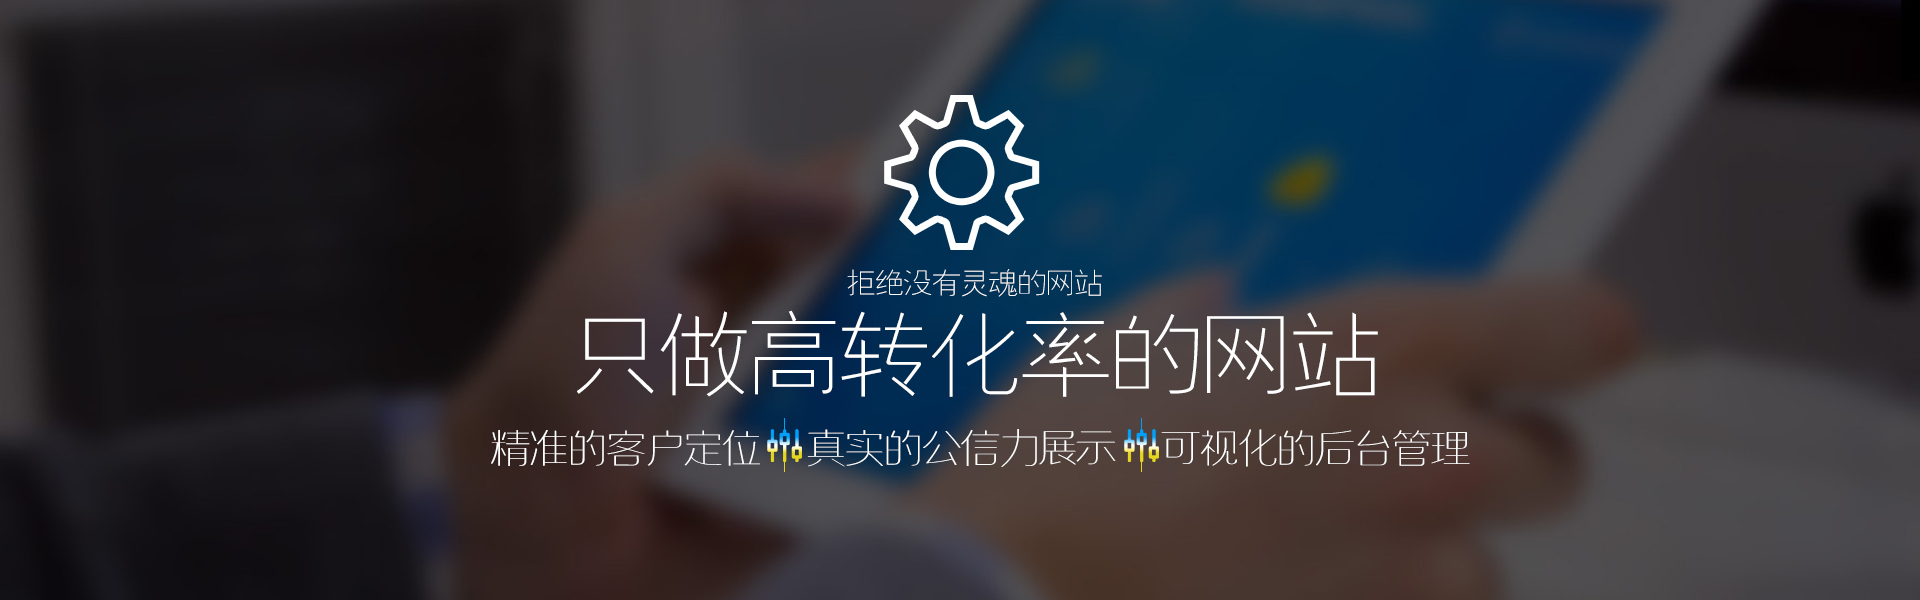 巨宇网络专业网站建设服务商